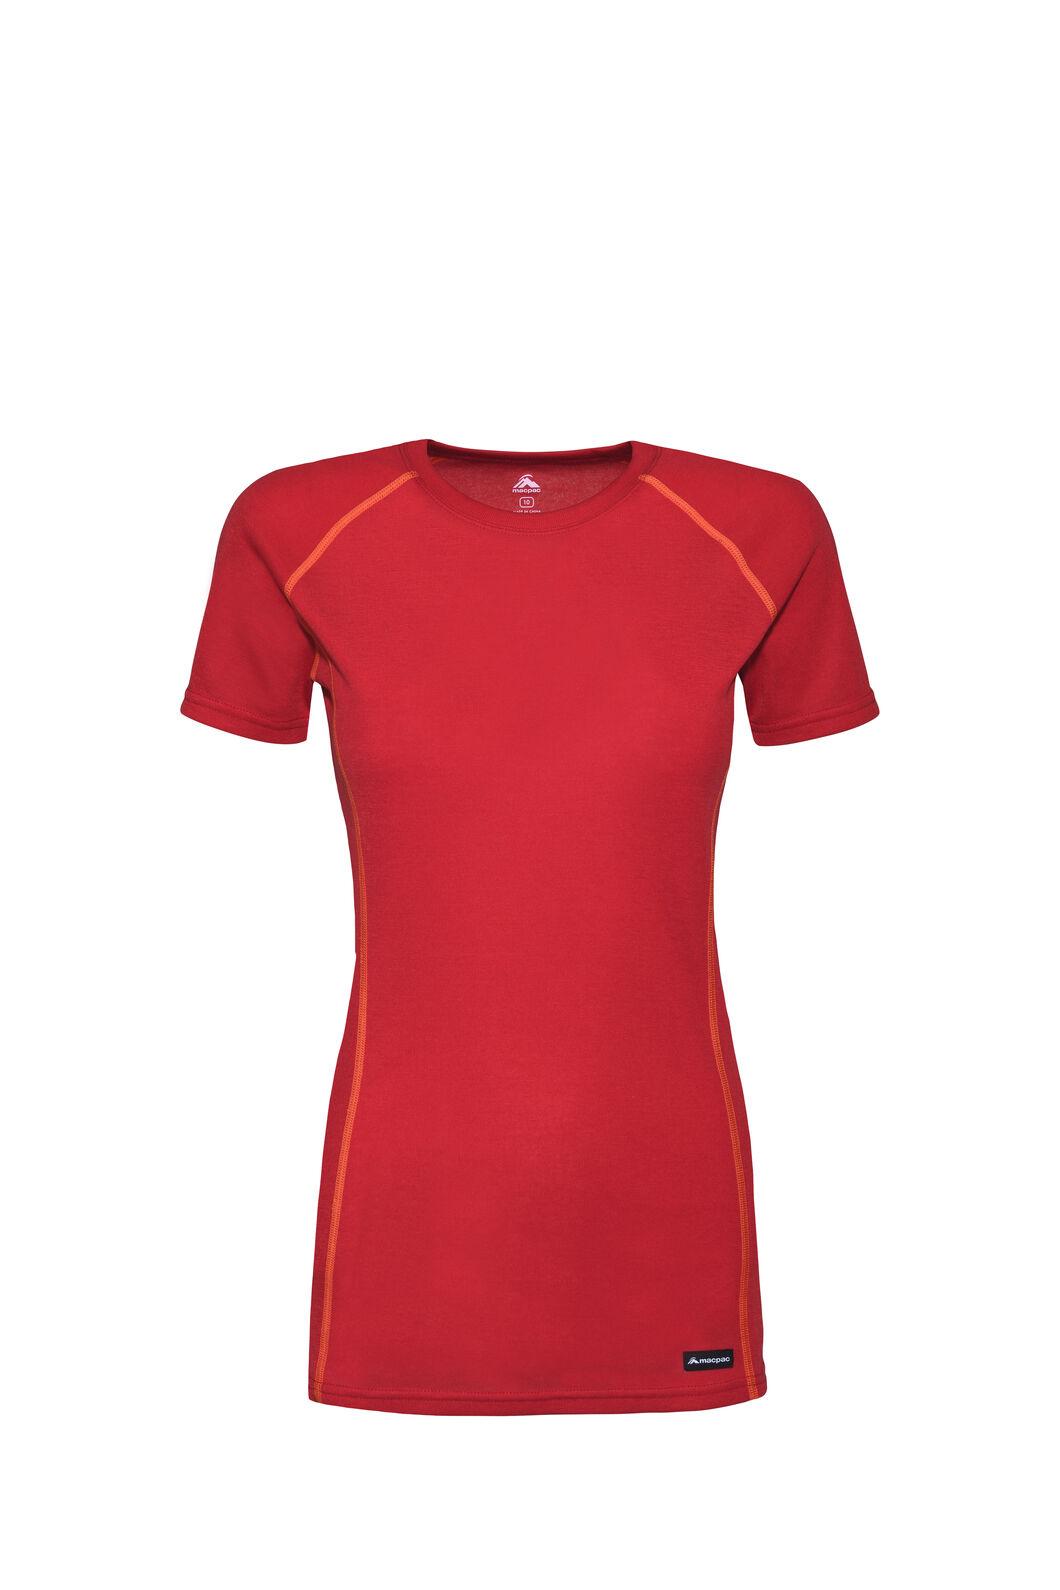 Macpac Geothermal Short Sleeve Top — Women's, Lollipop, hi-res